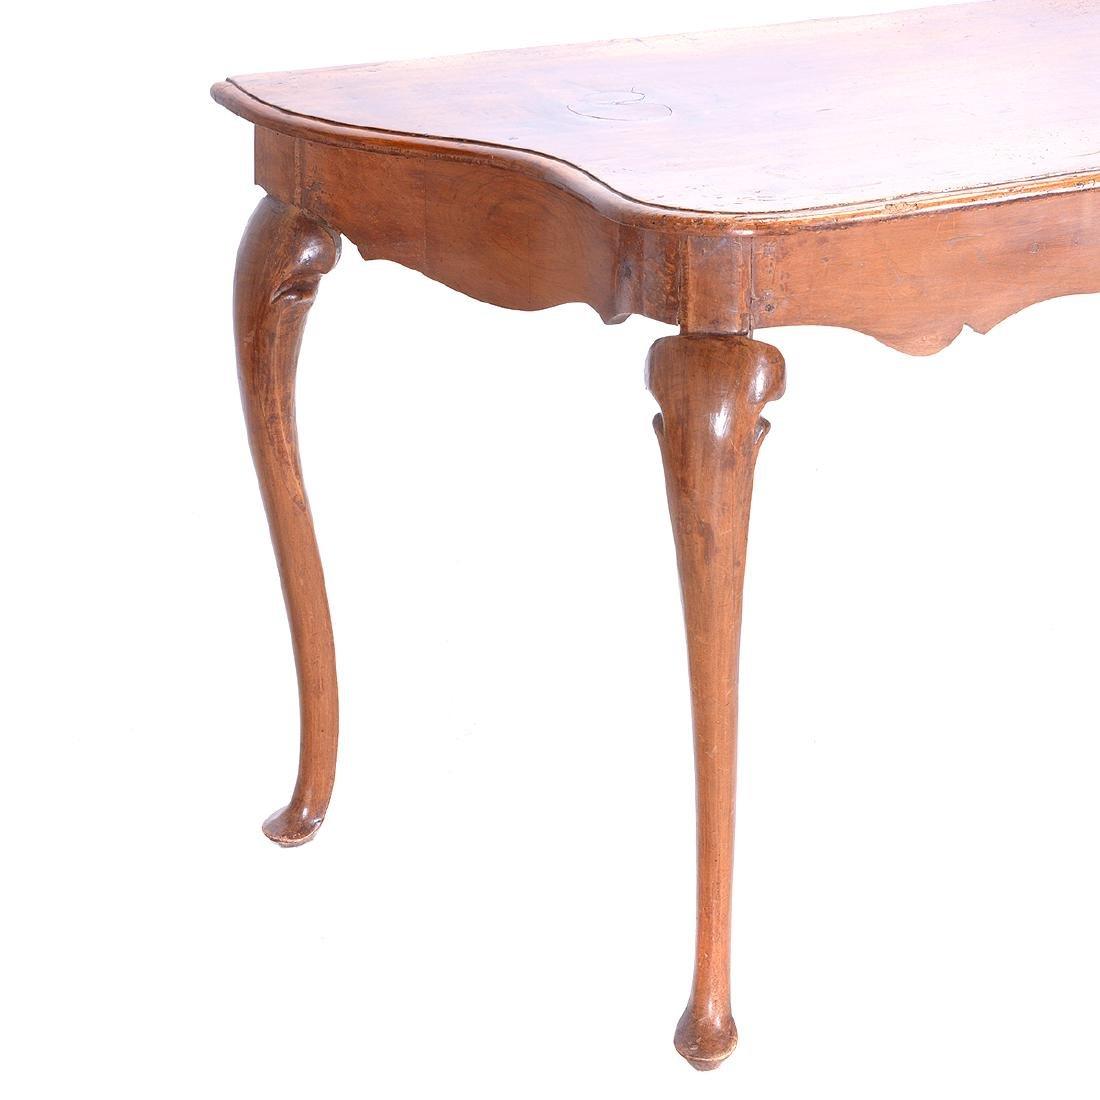 Italian Rococo Walnut Scalloped Edge Console Table - 2